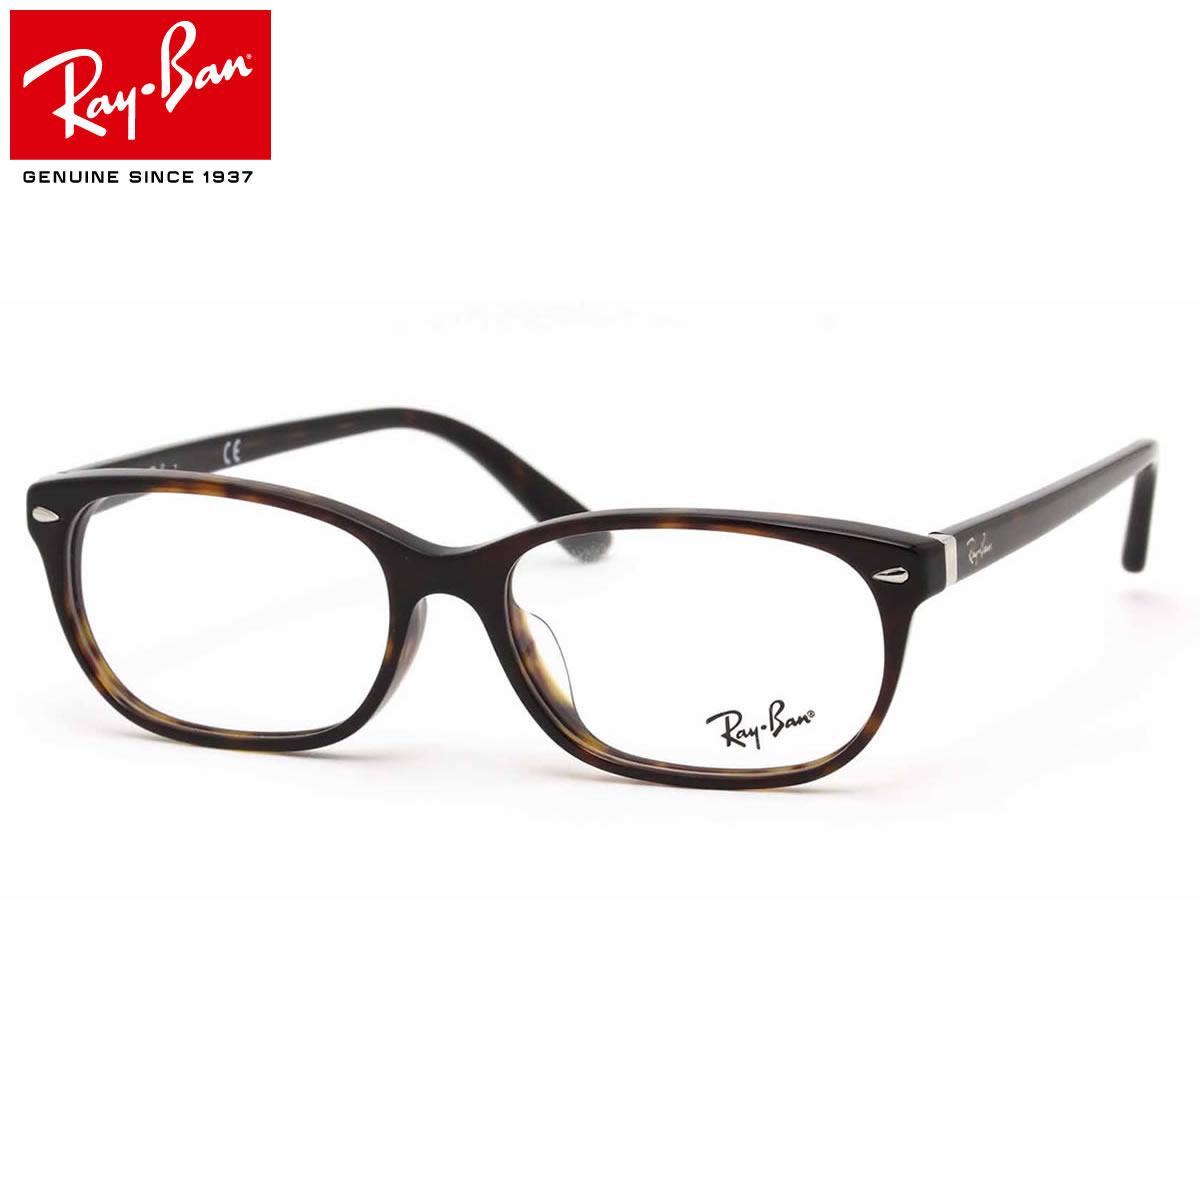 【10月30日からエントリーで全品ポイント20倍】レイバン メガネ フレーム Ray-Ban RX5208D 2012 54サイズ ウェリントン スクエア レイバン RAYBAN メンズ レディース